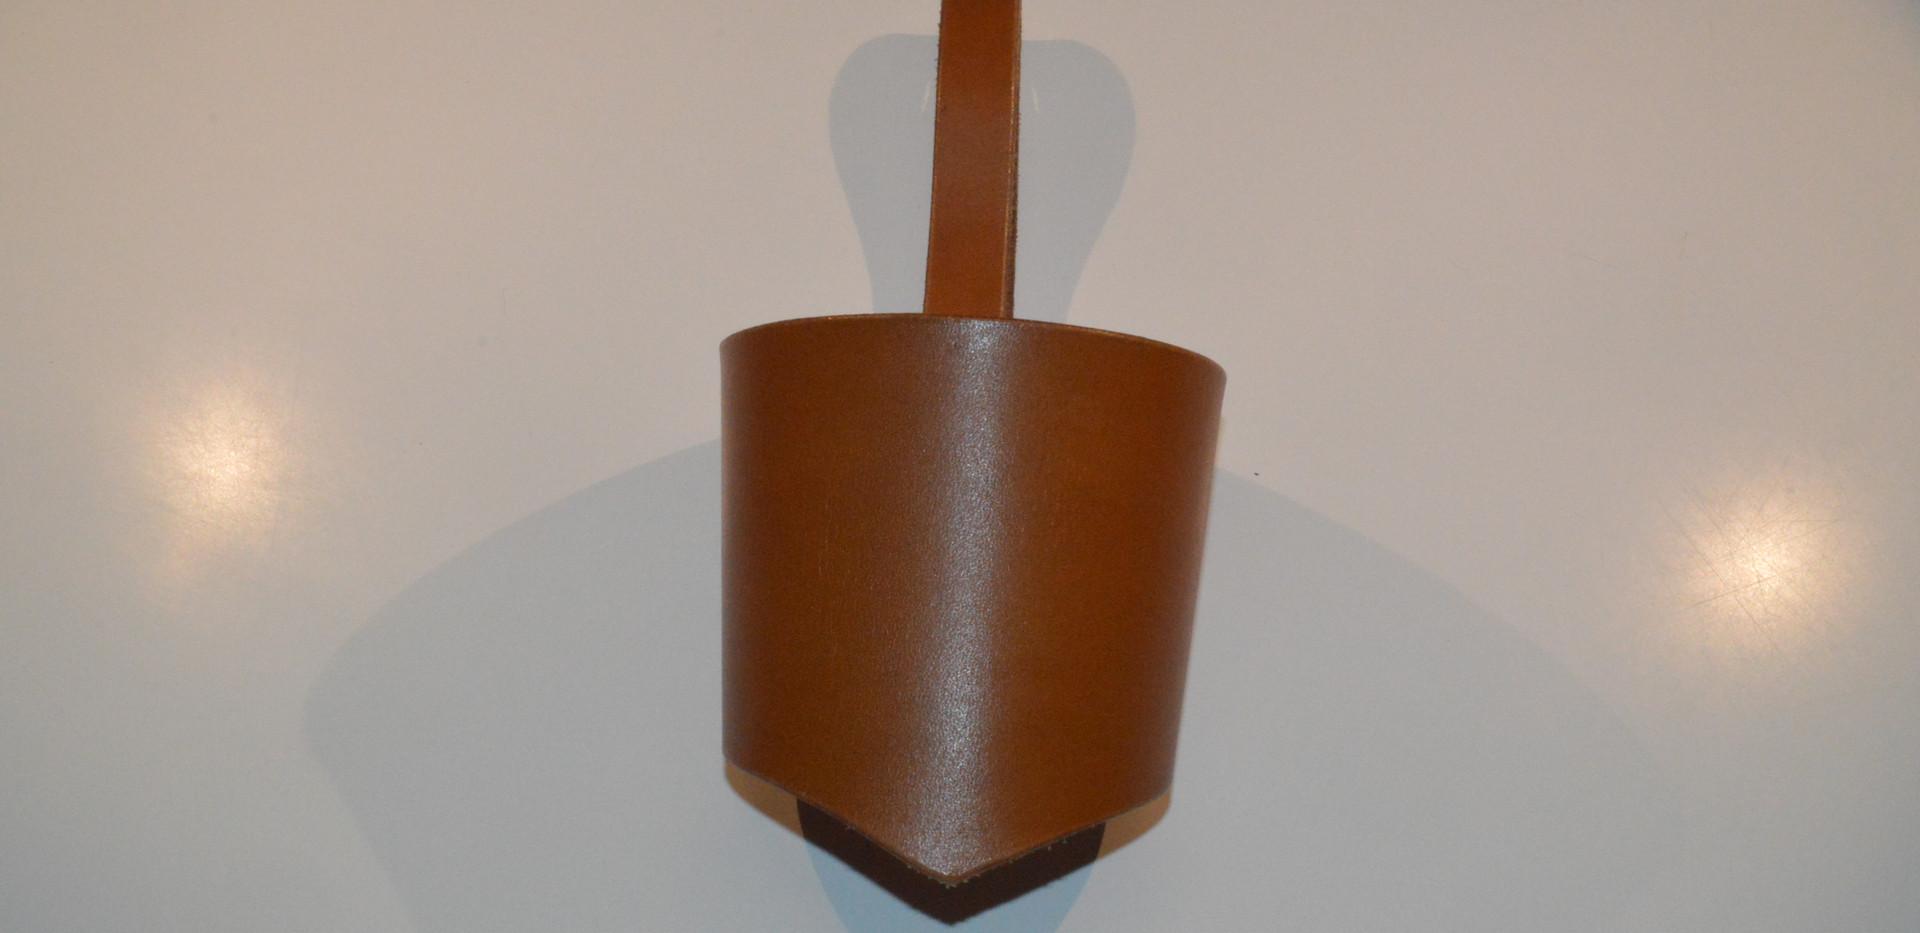 Porte-gobelet en cuir